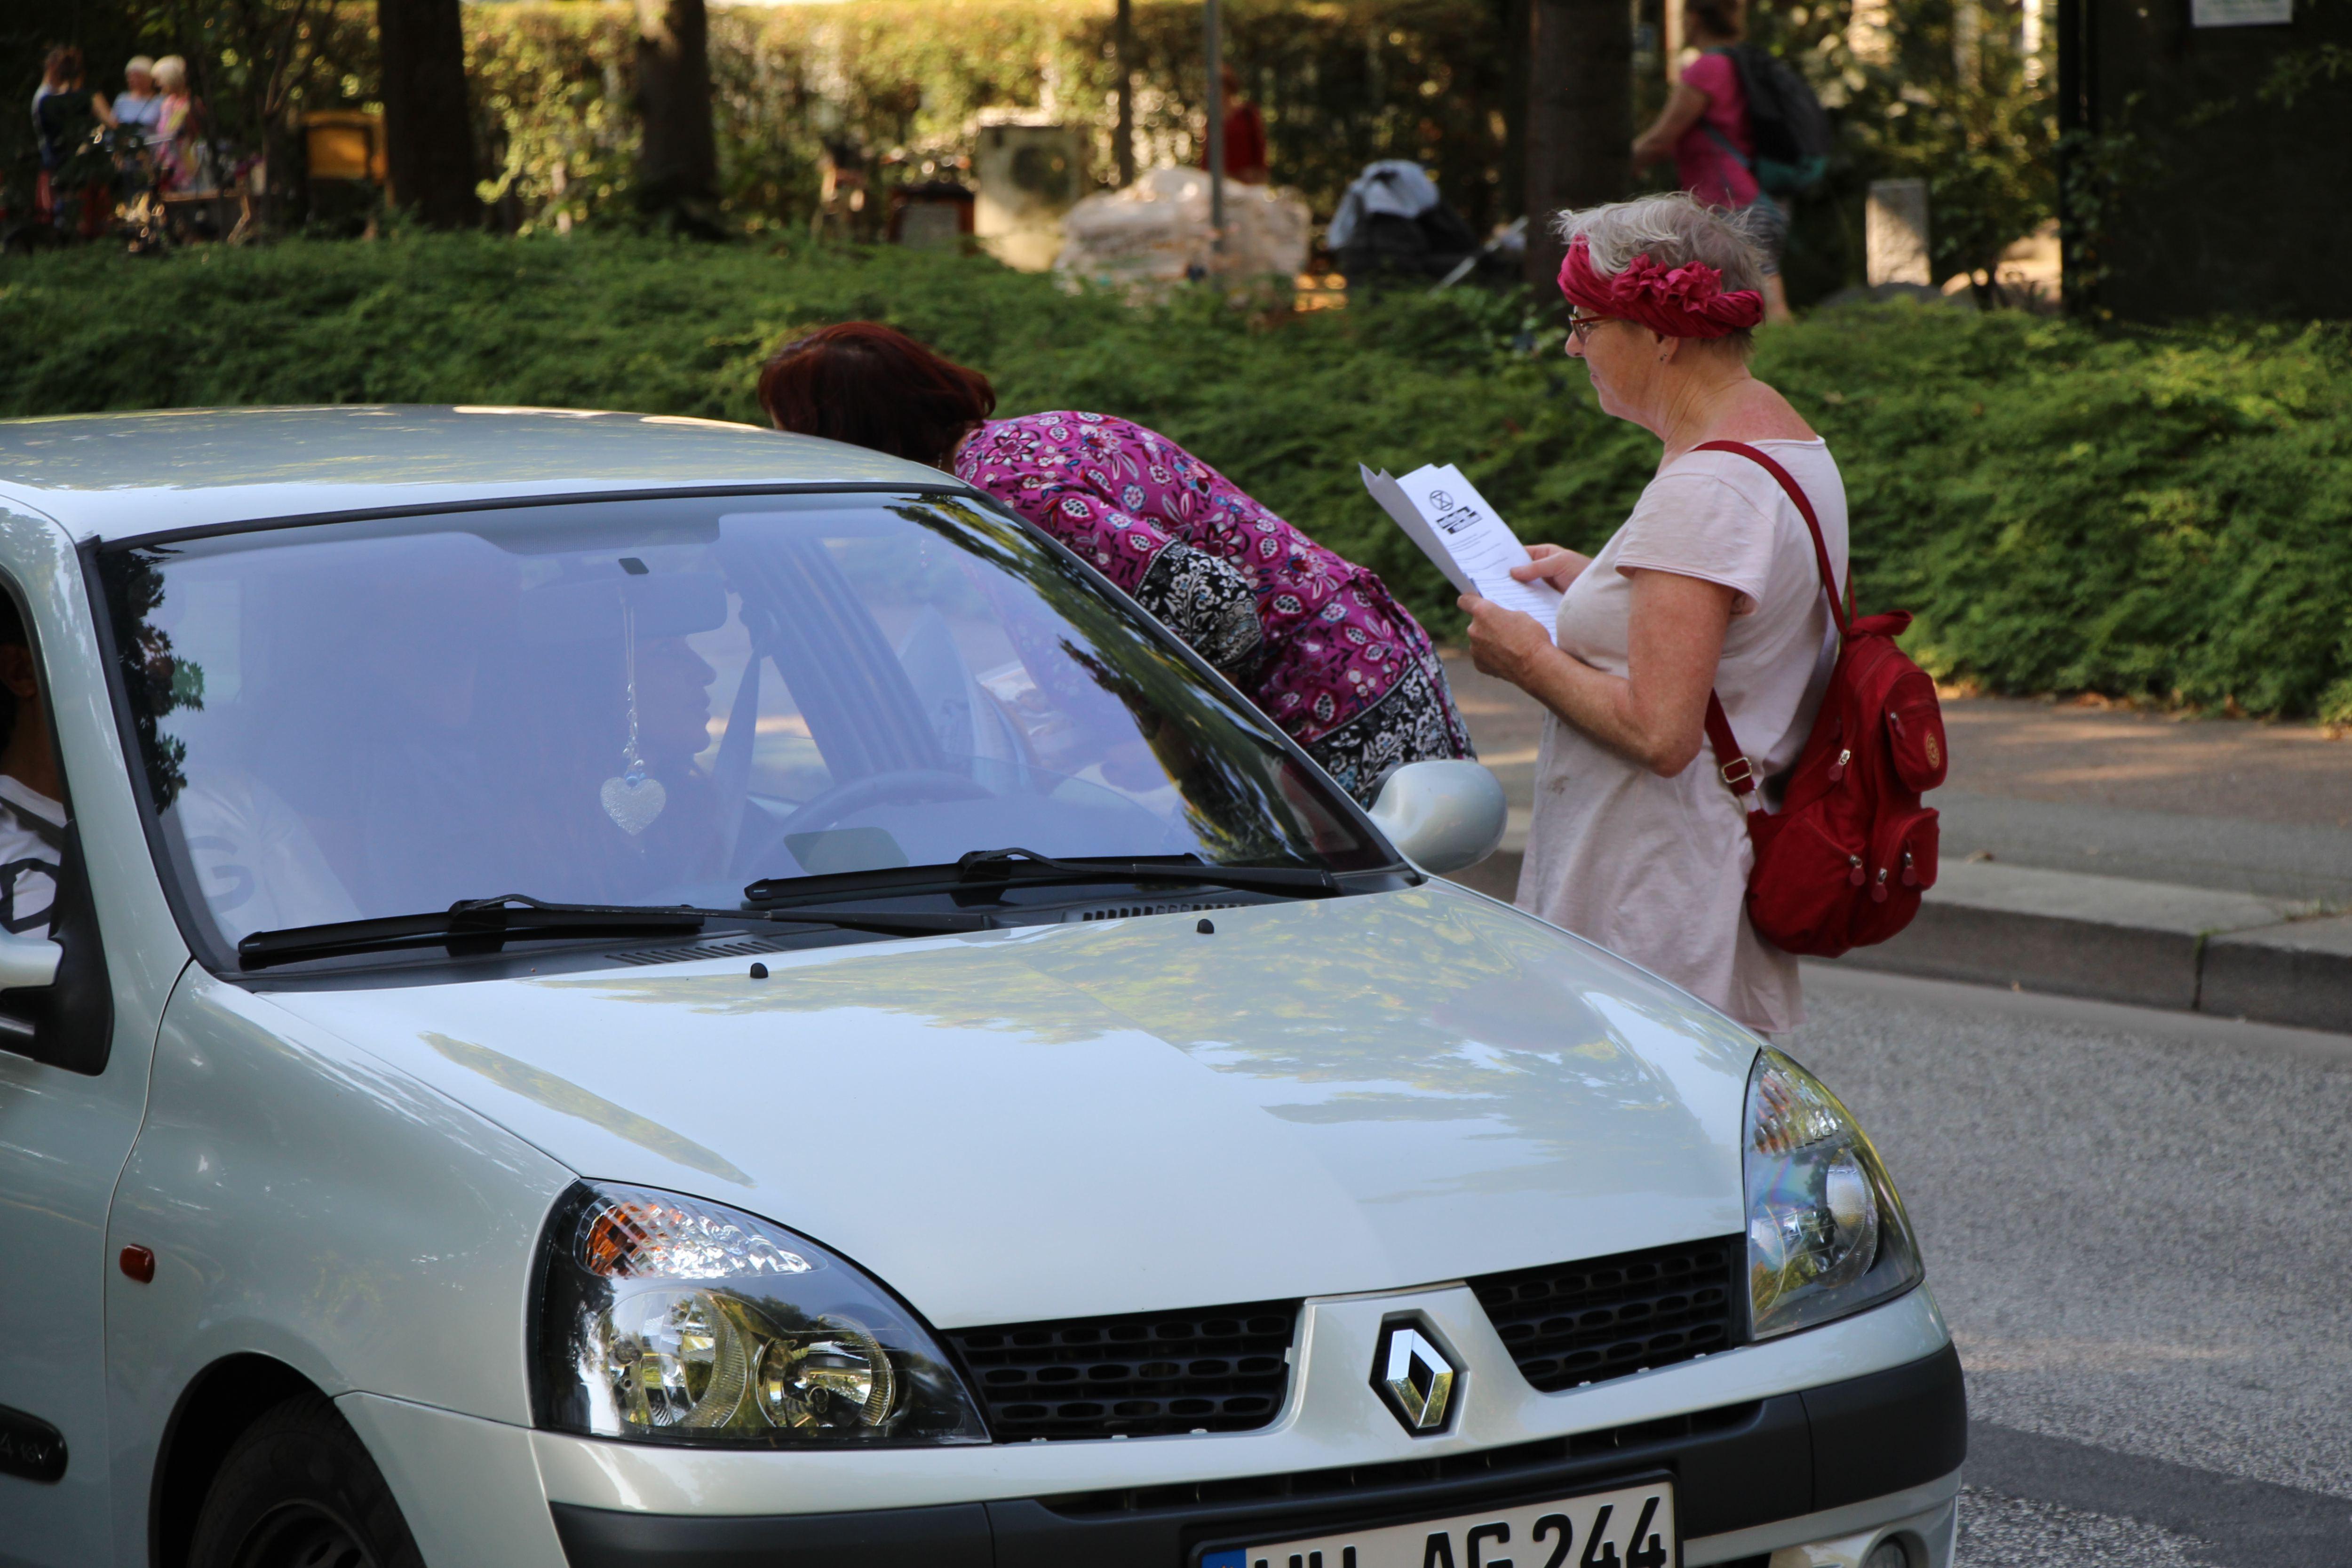 Zwei Aktivistinnen verteilen Flyer an die Autofahrer. Foto: Catharina Rudschies